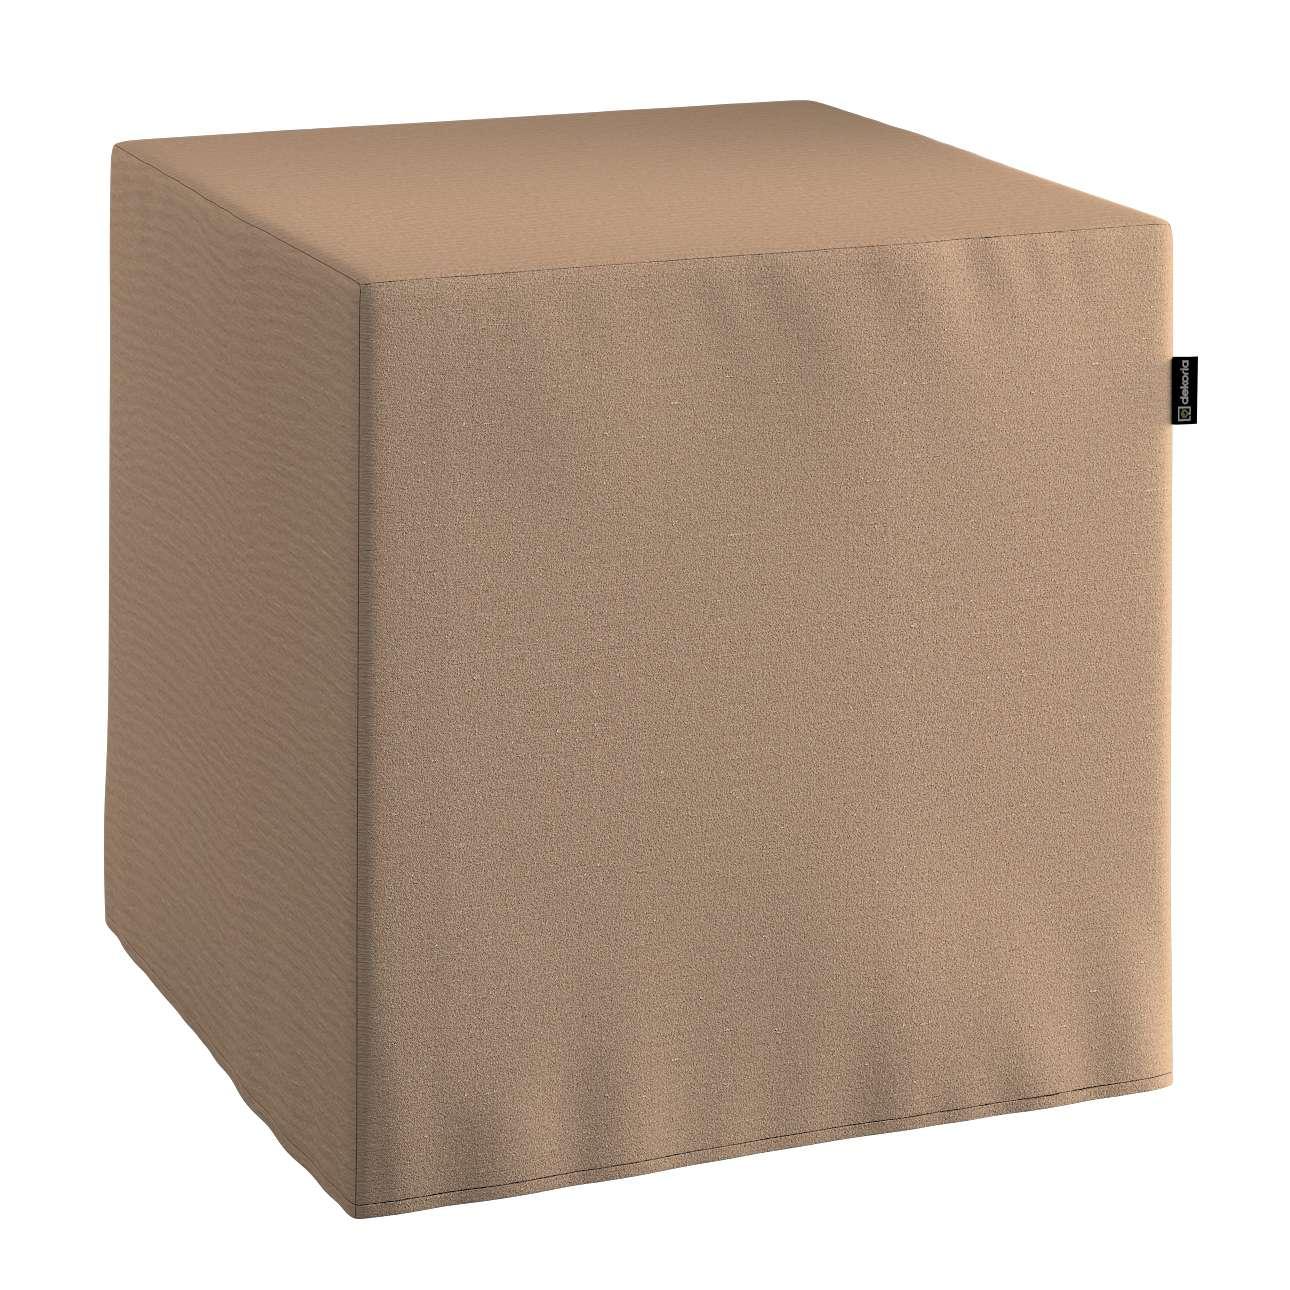 Sedák Cube - kostka pevná 40x40x40 v kolekci Quadro, látka: 136-09